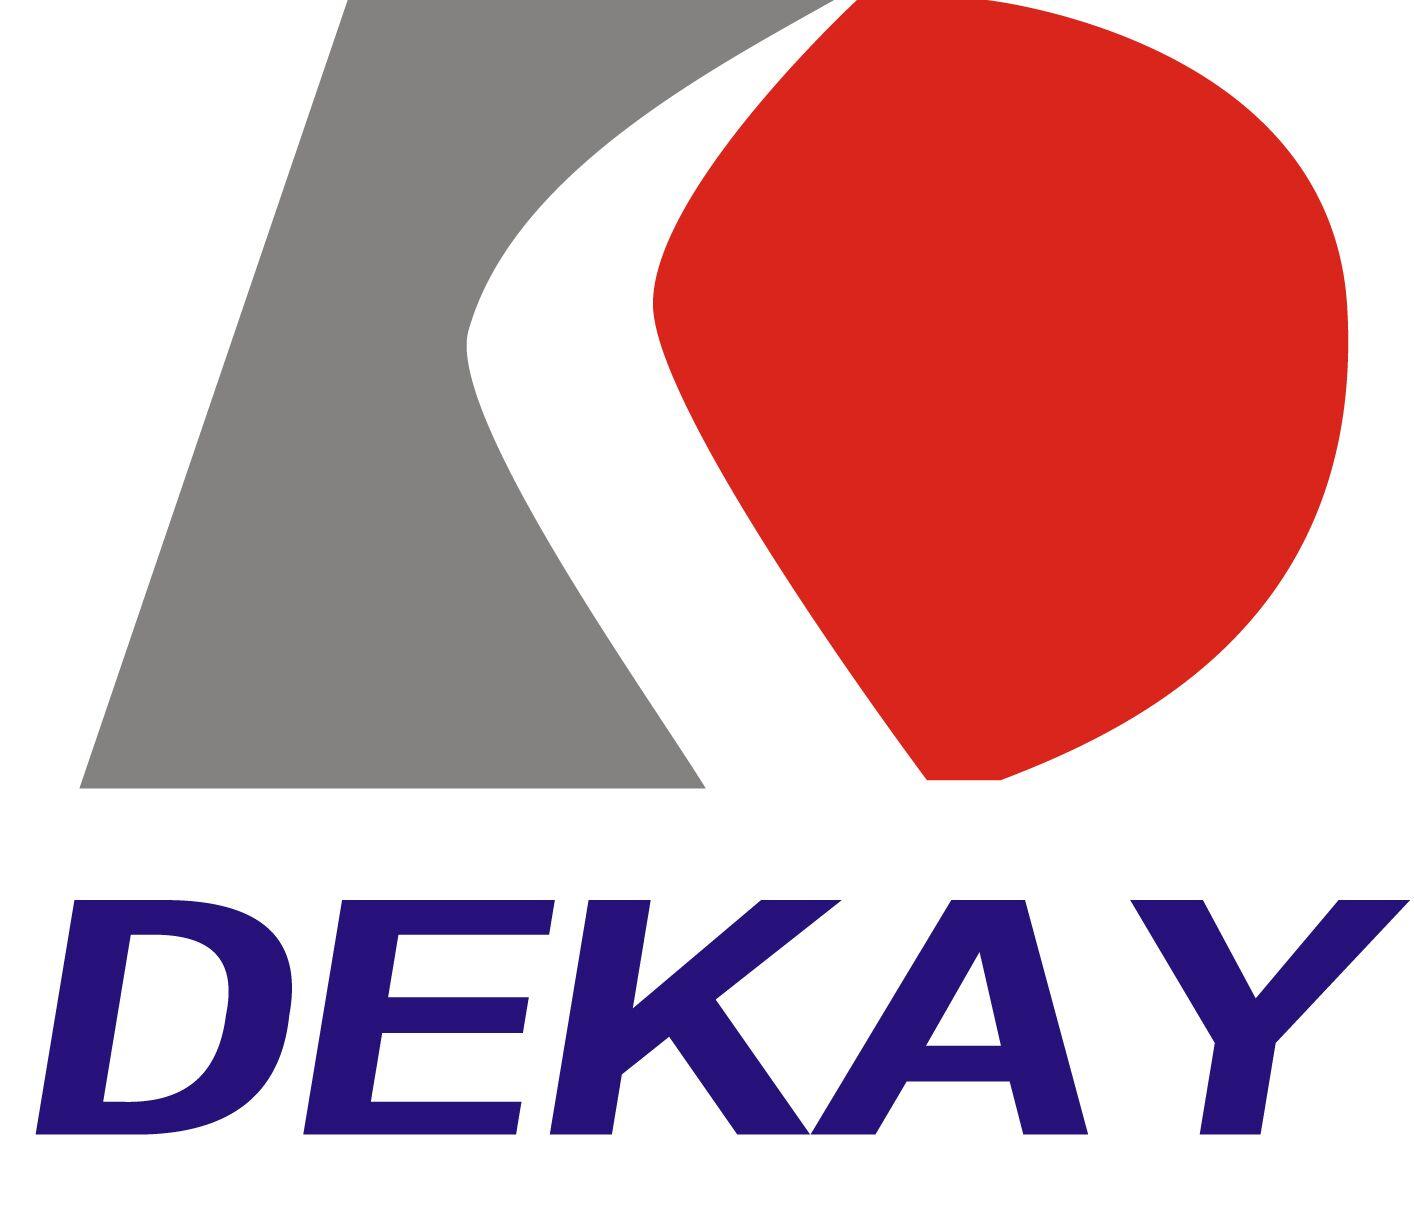 深圳市德凯检测技术有限公司(英文ShenzhenDekayDetectionTechnologyCo.,Ltd.简称DDT)是服务网络遍及全球的大型综合性检测机构。是独立的、权威的、第三方的检验、鉴定、测试及认证服务的引导者和创新者,为健康与环保、贸易符合性、商品质量鉴定、消费品检测认证等领域提供一站式服务。致力为企业提供专业权威的安规检测(Safety)、能效测试(ERP/EUP,Energy&#1